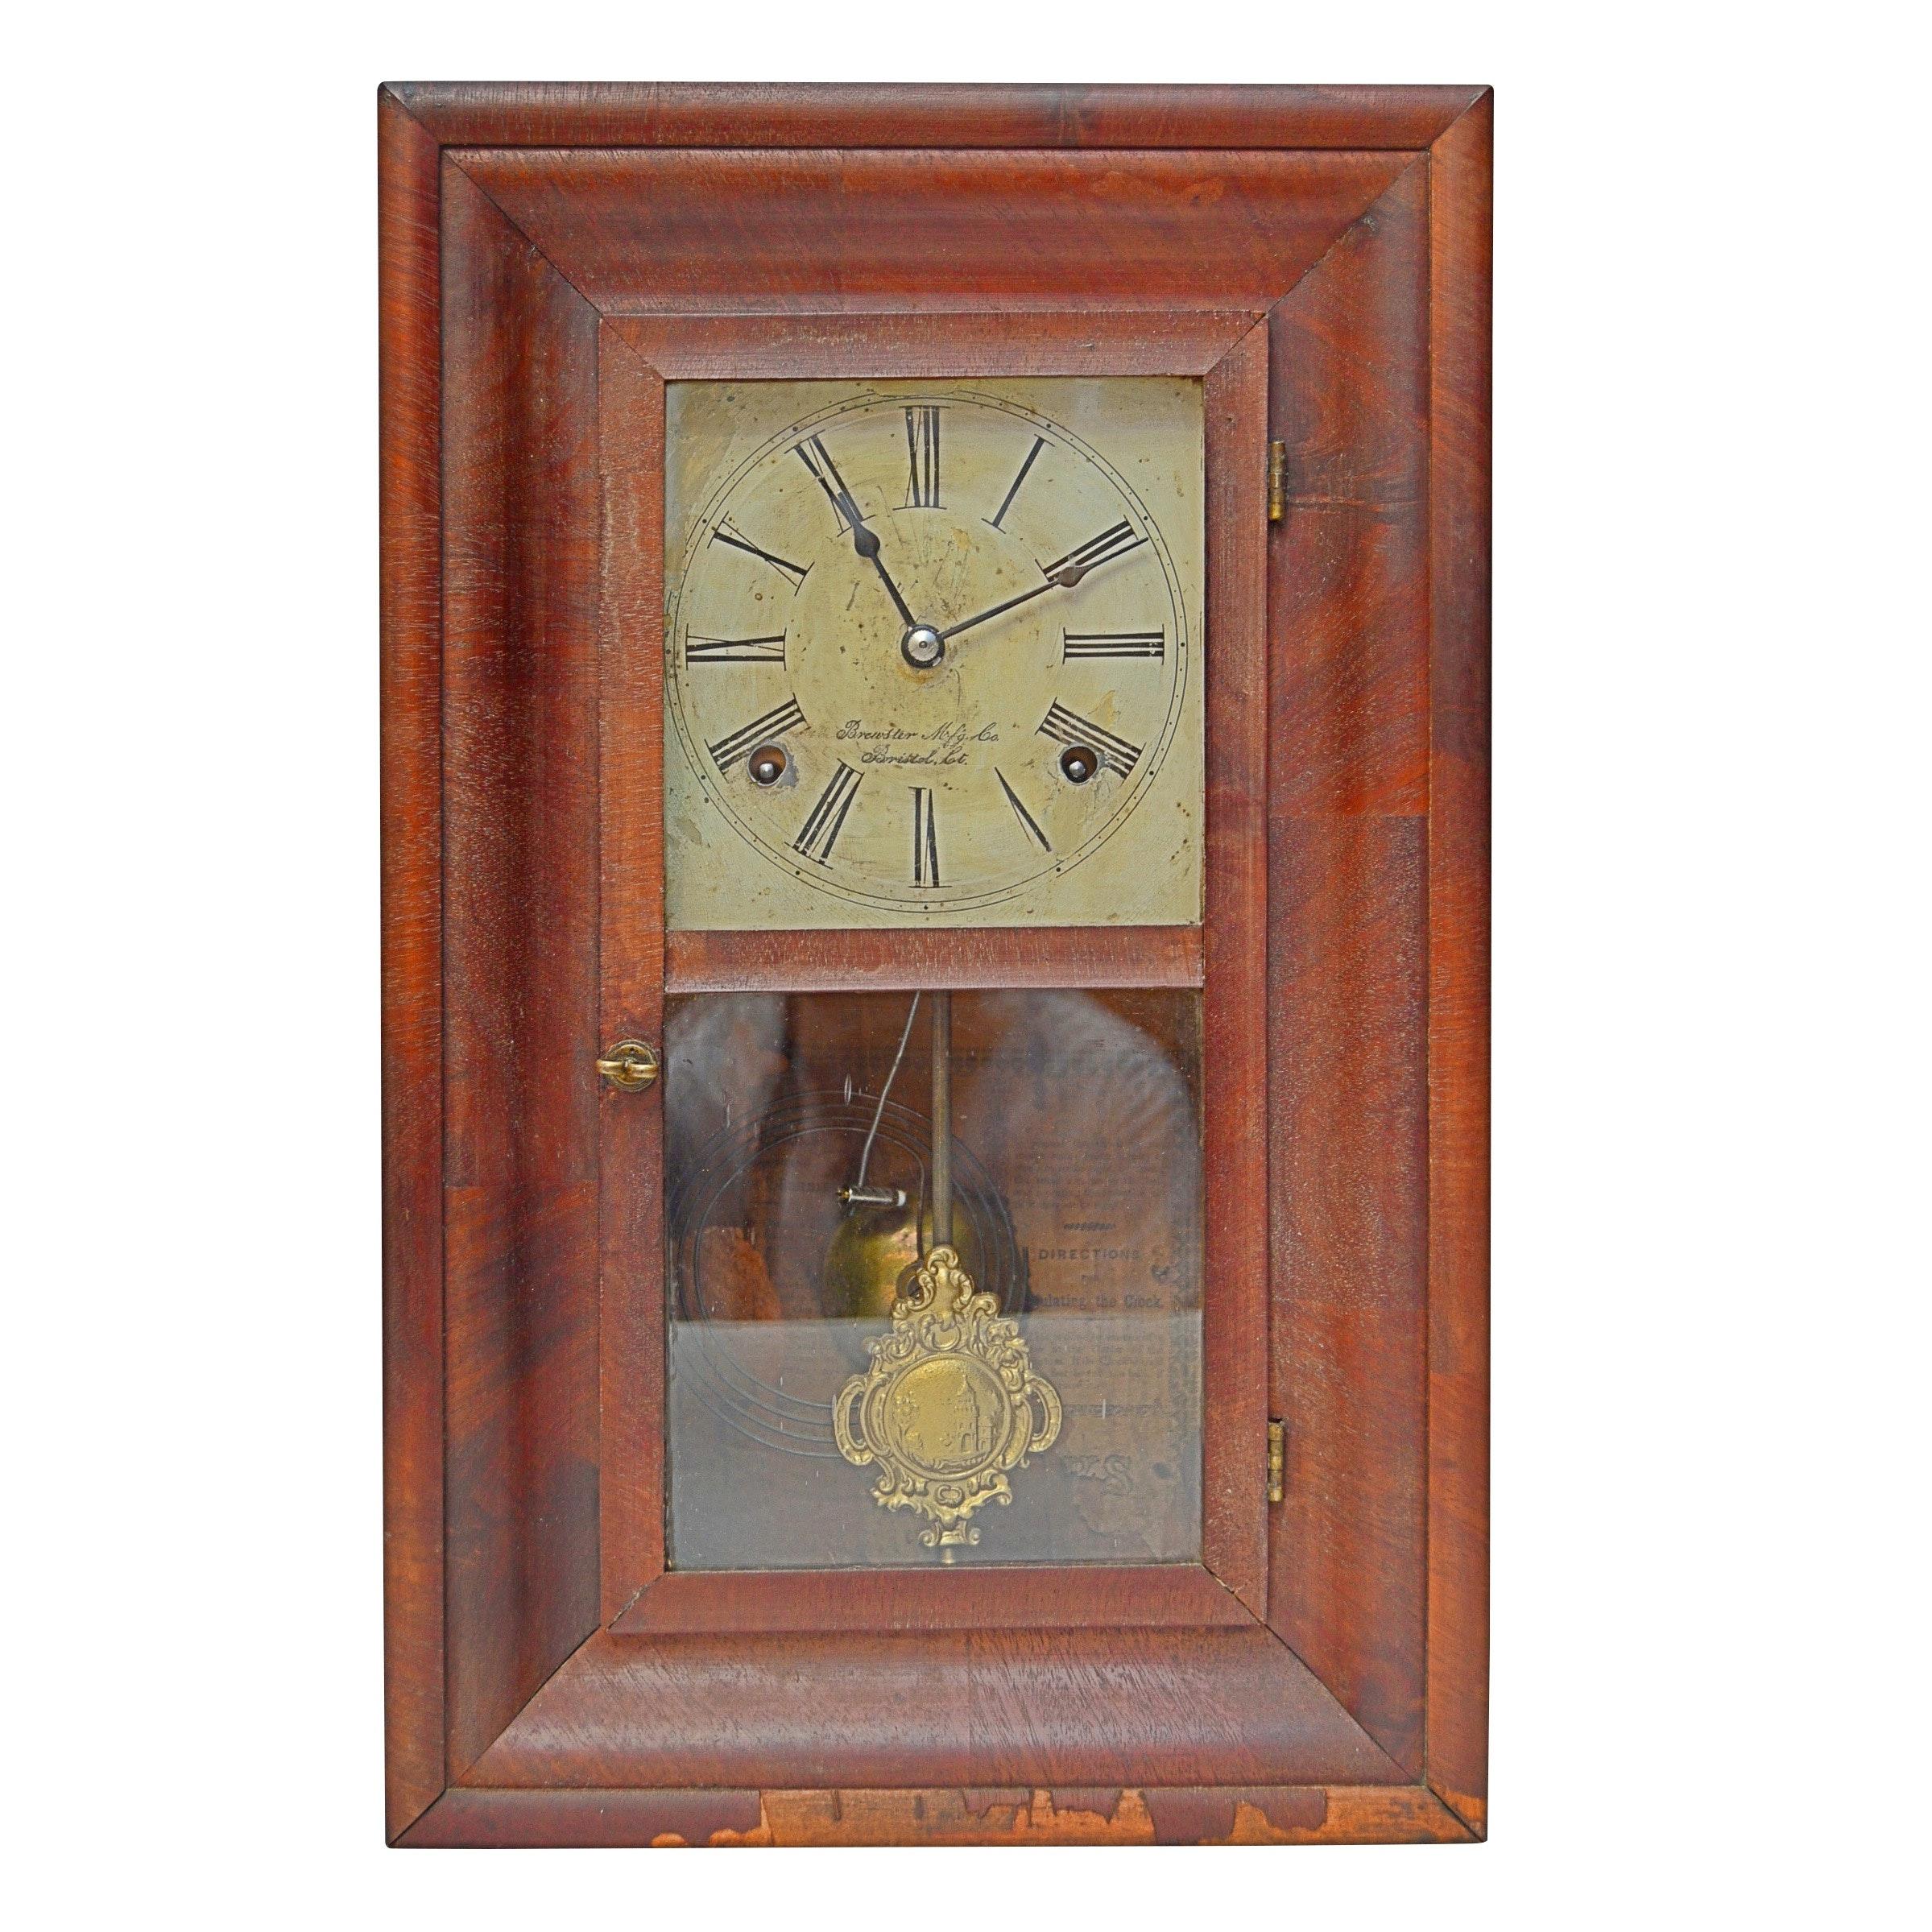 Brewster Mahogany Mantel Clock, Early to Mid 19th Century